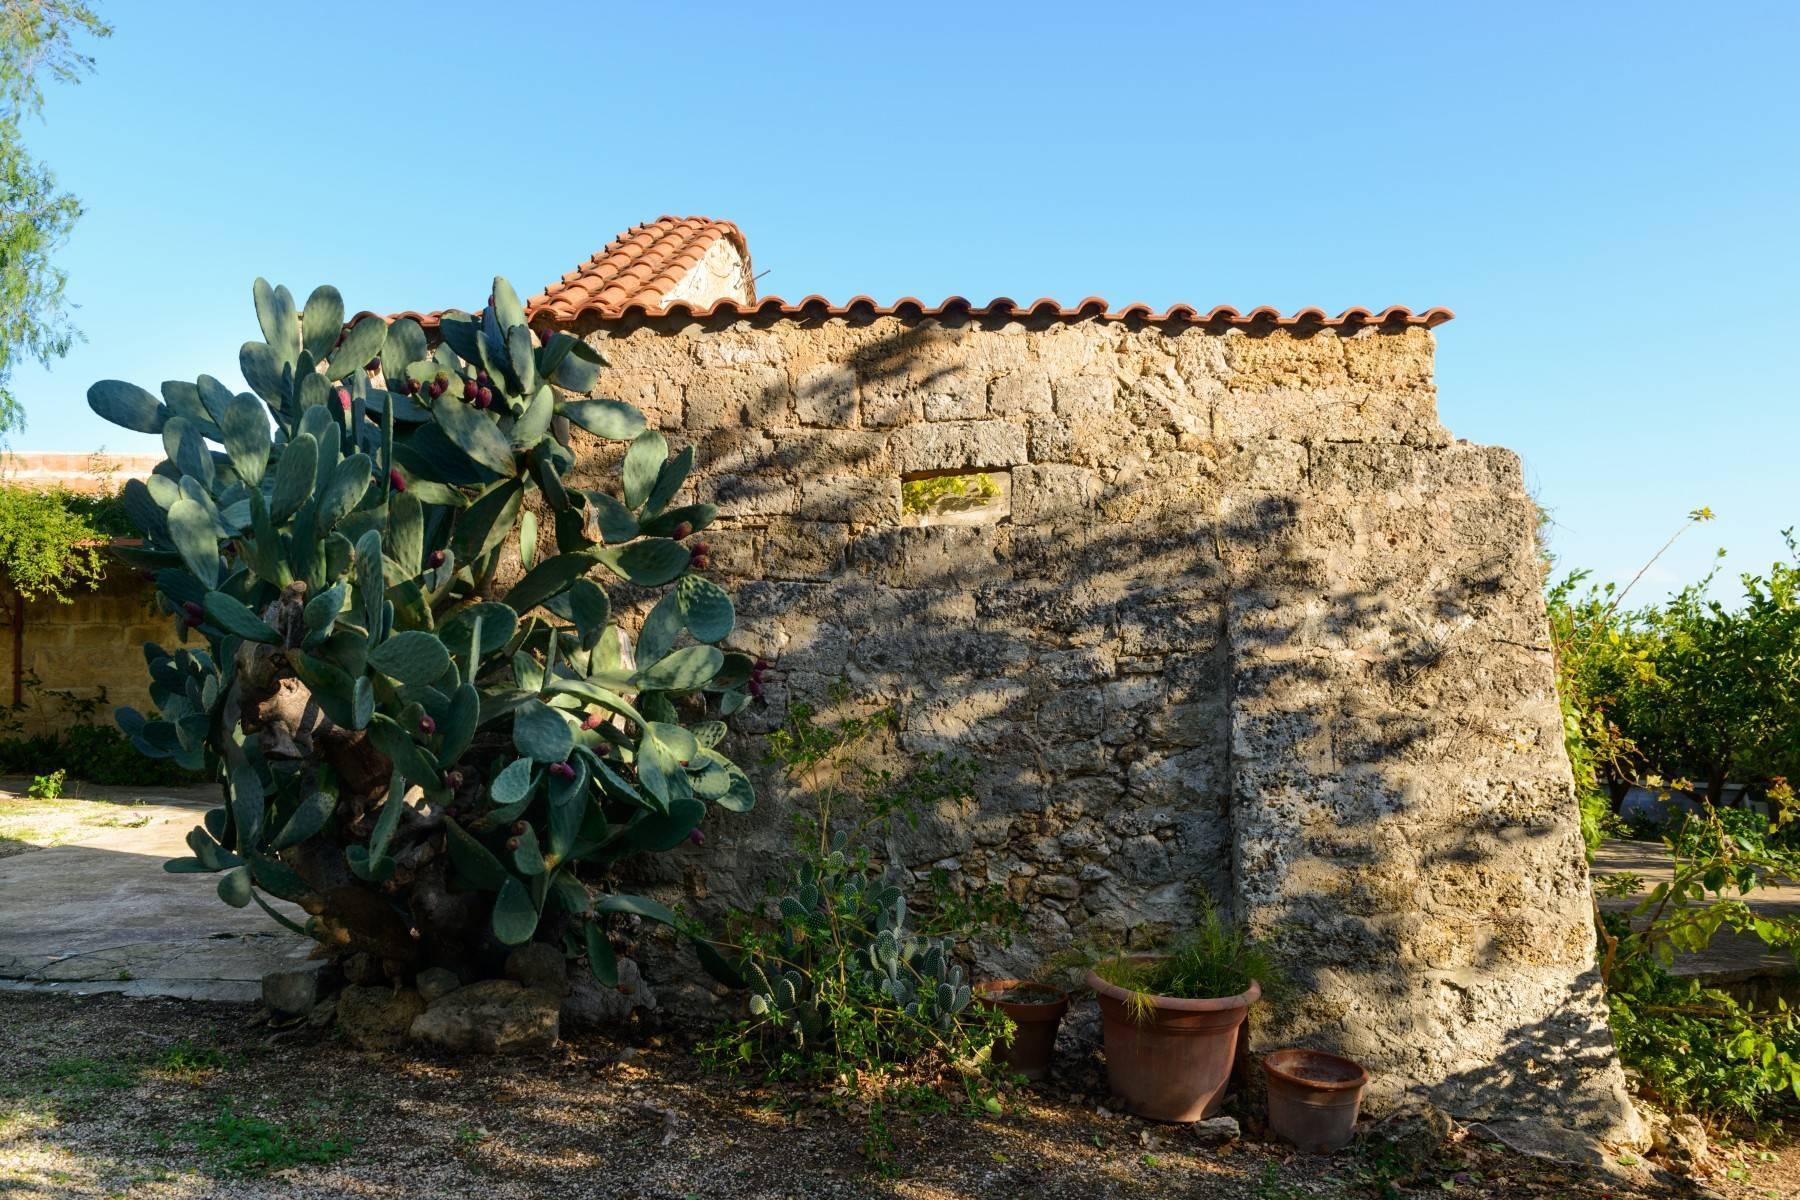 坐落于著名的Masseria Caracciolo住宅区内的优雅别墅 - 7